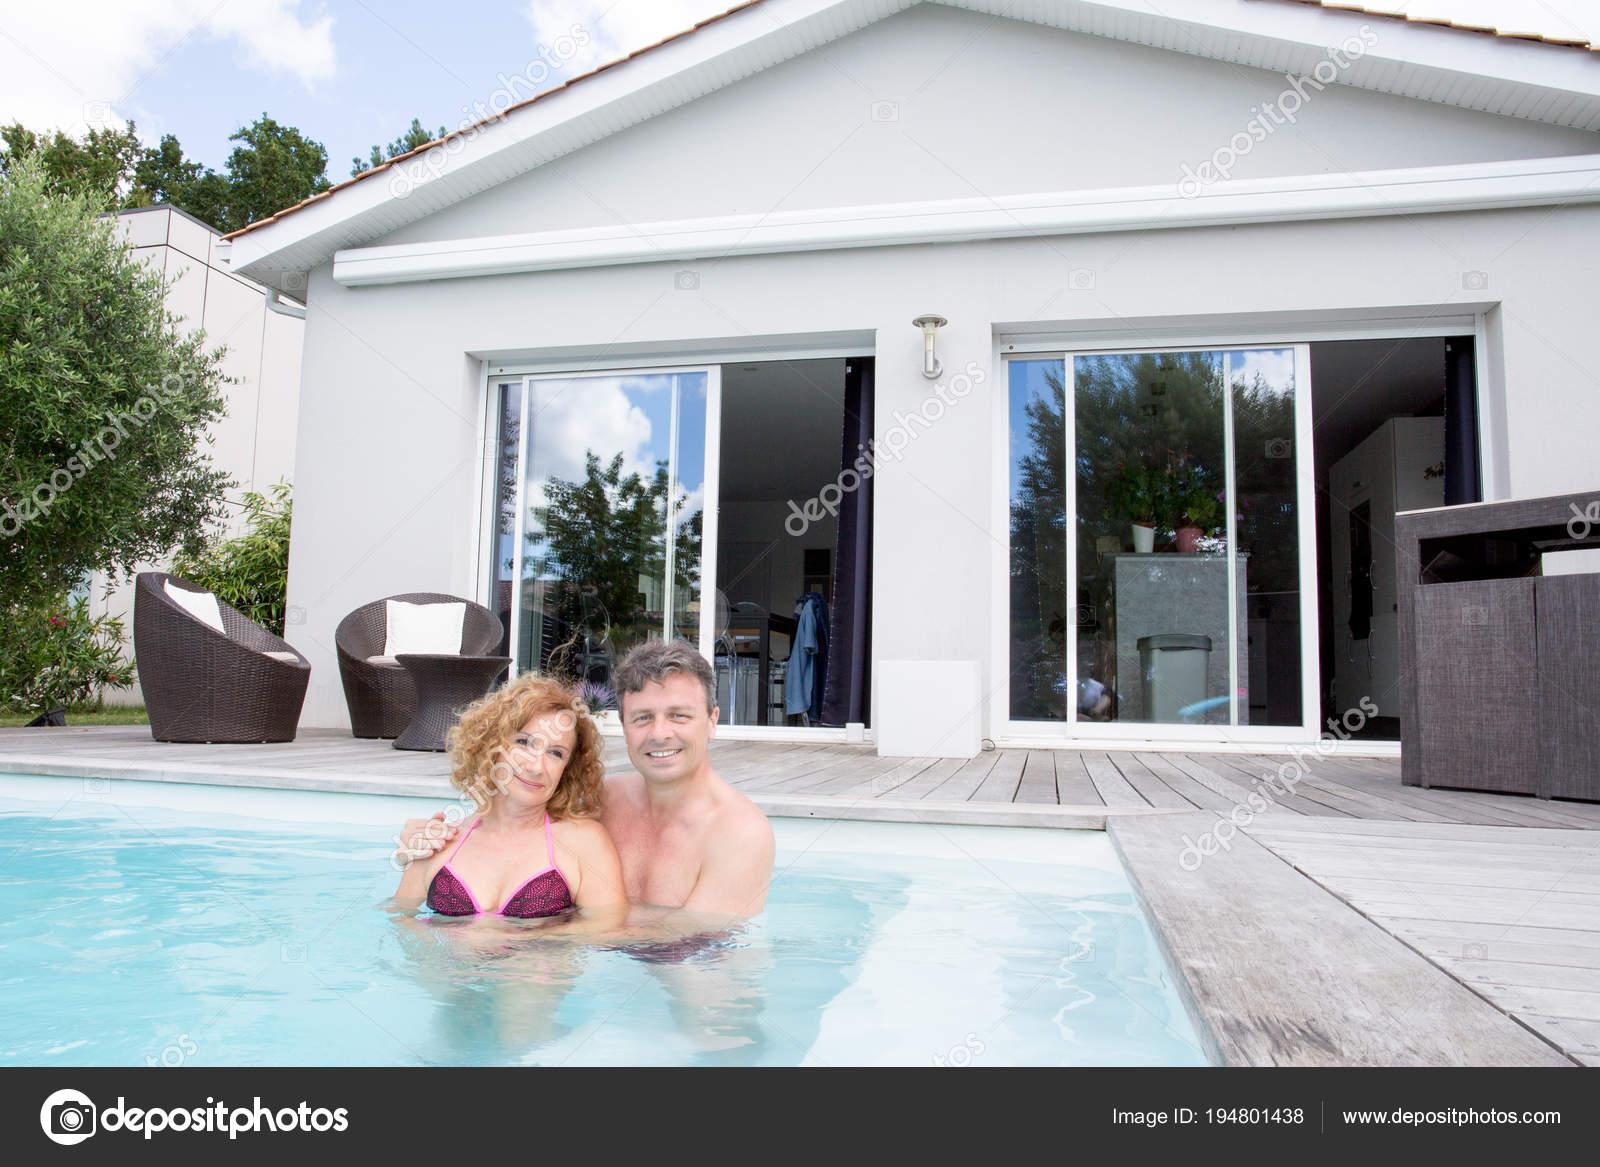 190ac04e9d73ce Couple Fier Nouvelle Femme Maison Immobilier Homme Âge Mûr Piscine ...